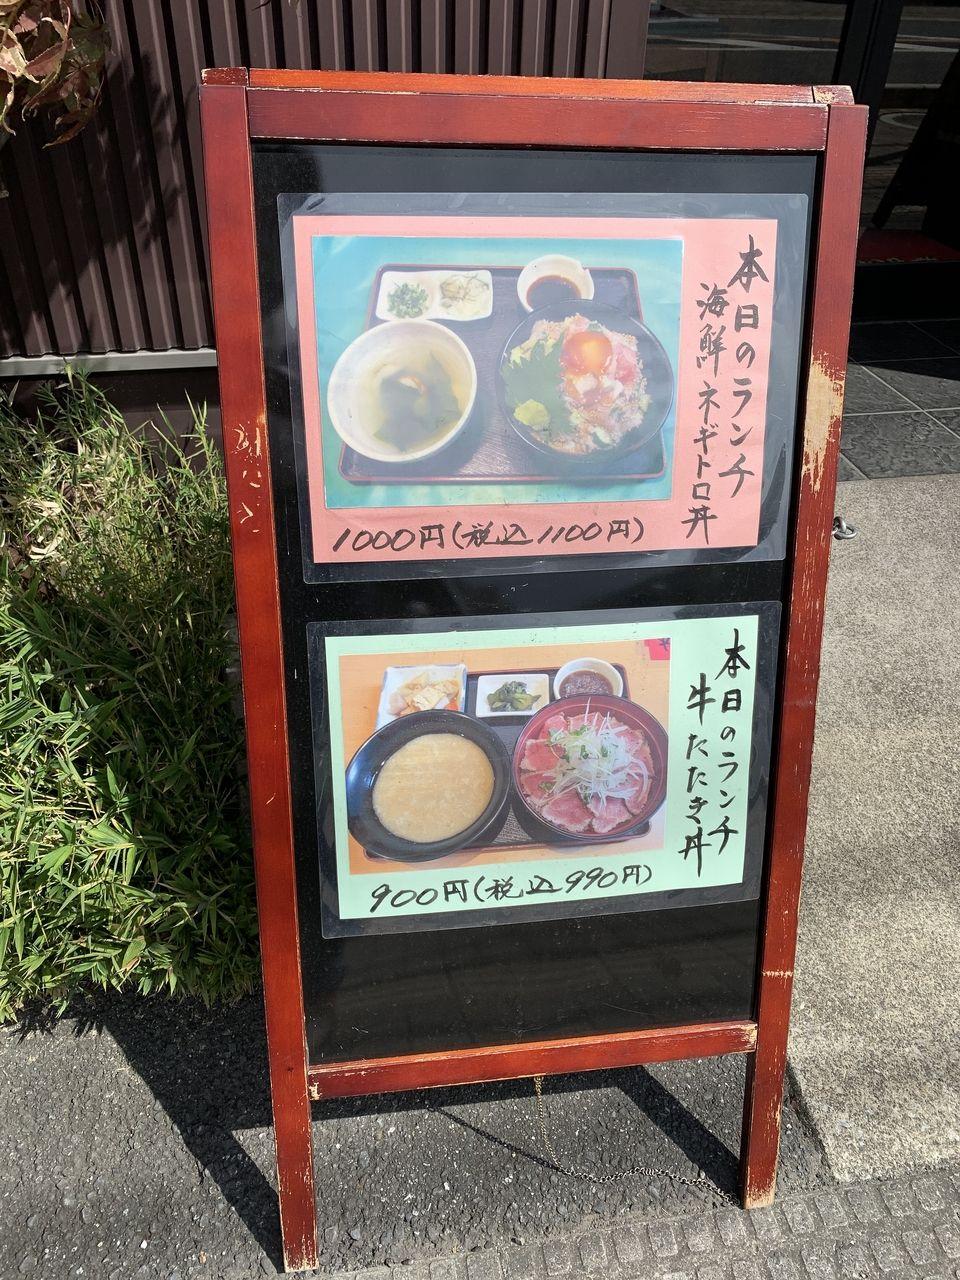 【三郷市食べ歩きブログ】三郷市新和1丁目のラーメン酒房「遊麺」に行ってきました!